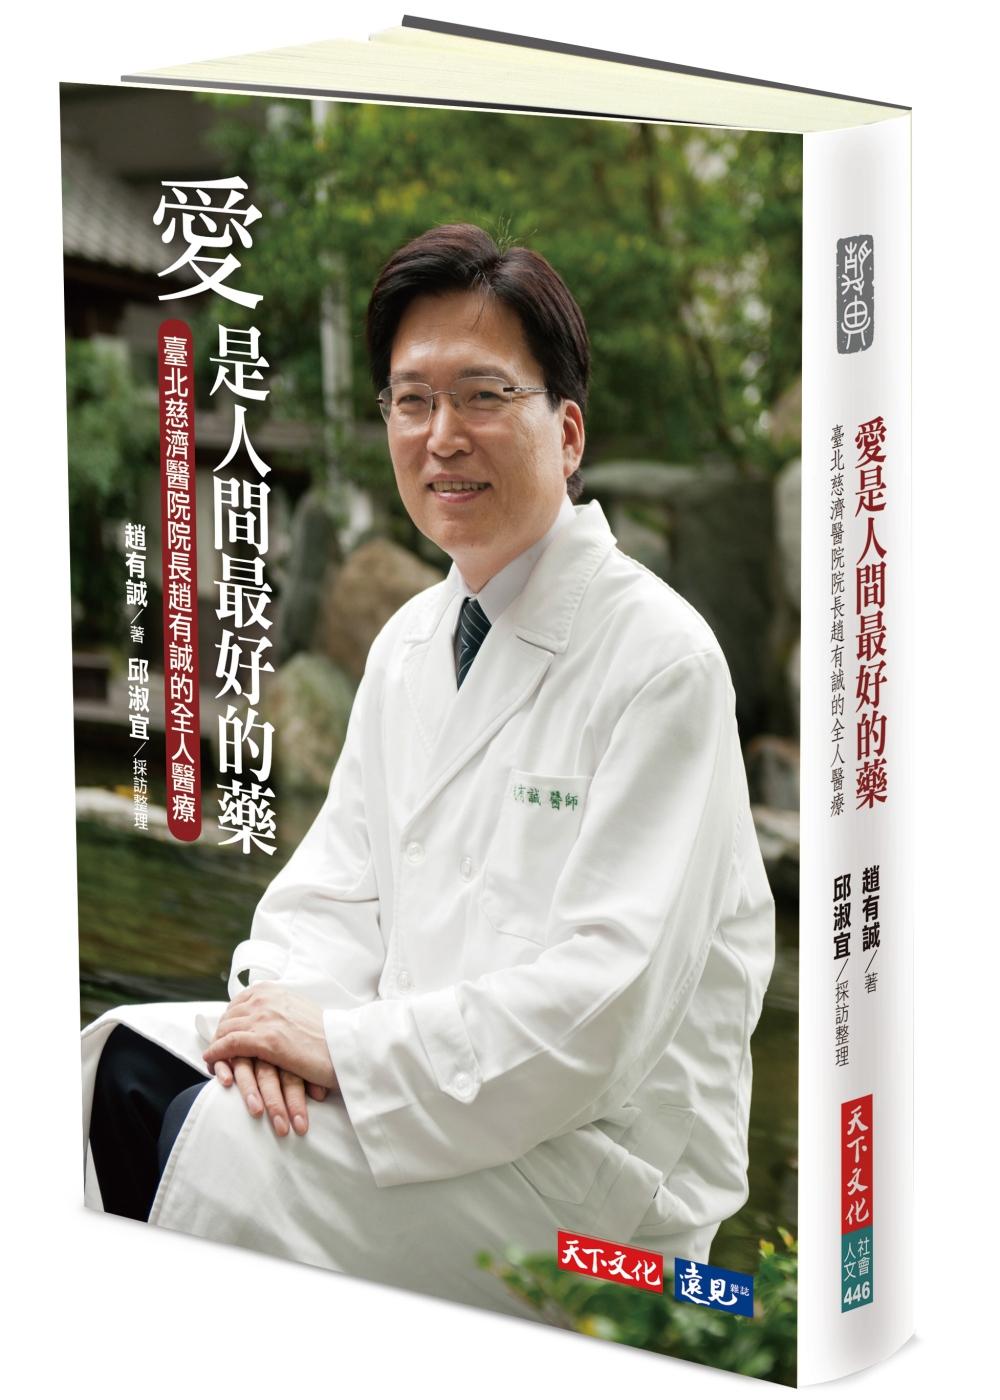 ◤博客來BOOKS◢ 暢銷書榜《推薦》愛是人間最好的藥:臺北慈濟醫院院長趙有誠的全人醫療